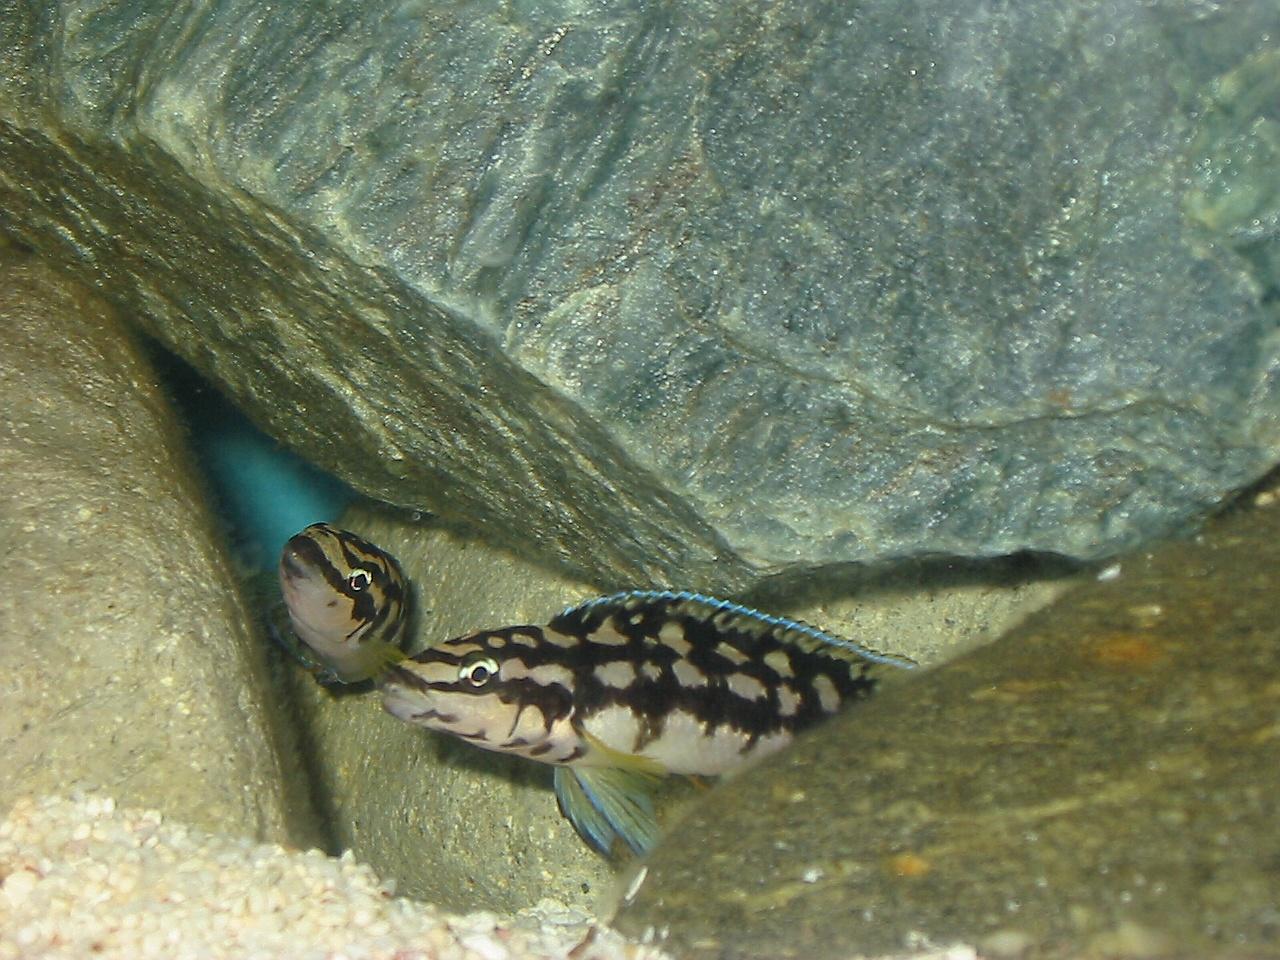 julidochromis marlieri katoma.jpg